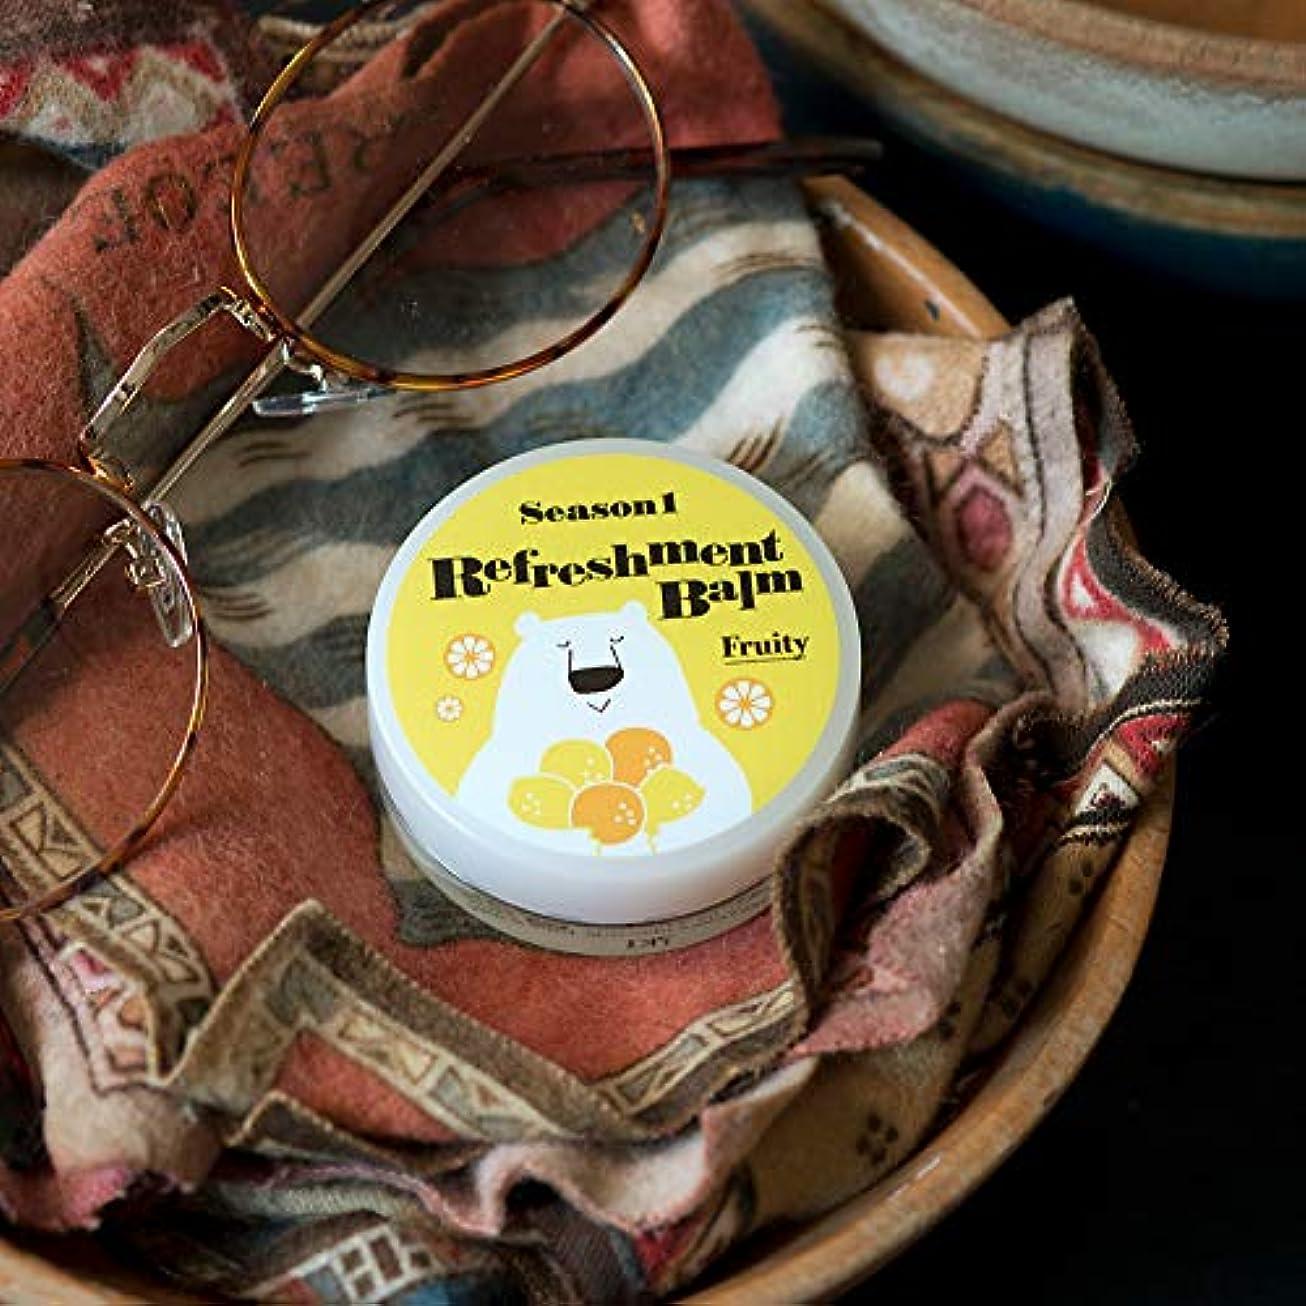 憲法施設争う(美健)BIKEN カサカサ鼻にひと塗り リフレッシュメントバーム フルーティ エッセンシャルオイル(精油)のみで香り付け